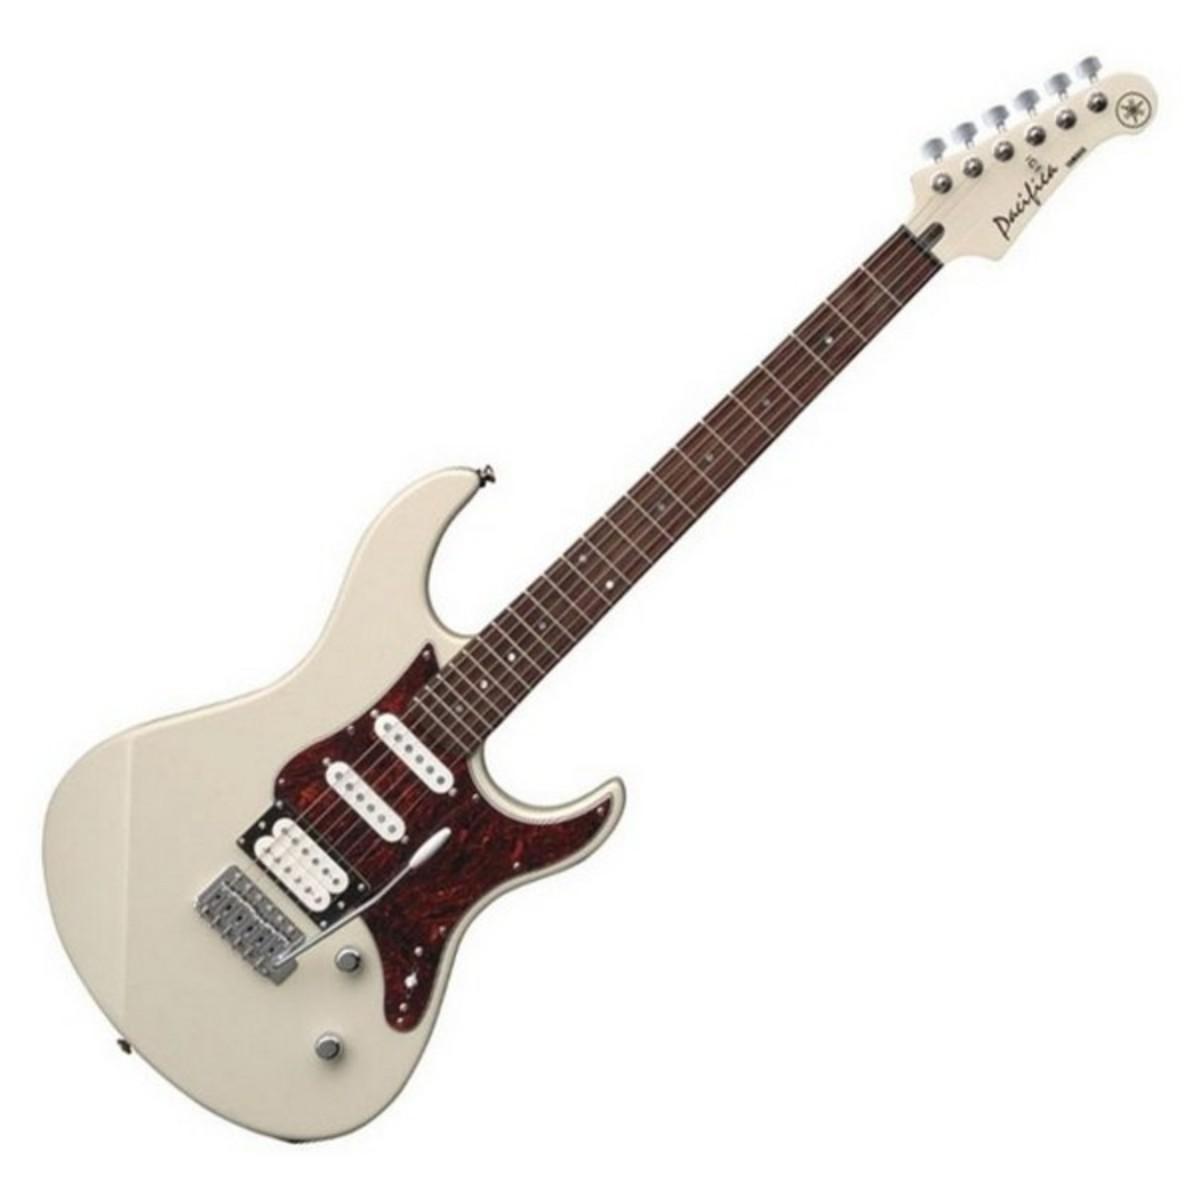 yamaha pacifica 112vcx guitare lectrique blanc vintage. Black Bedroom Furniture Sets. Home Design Ideas